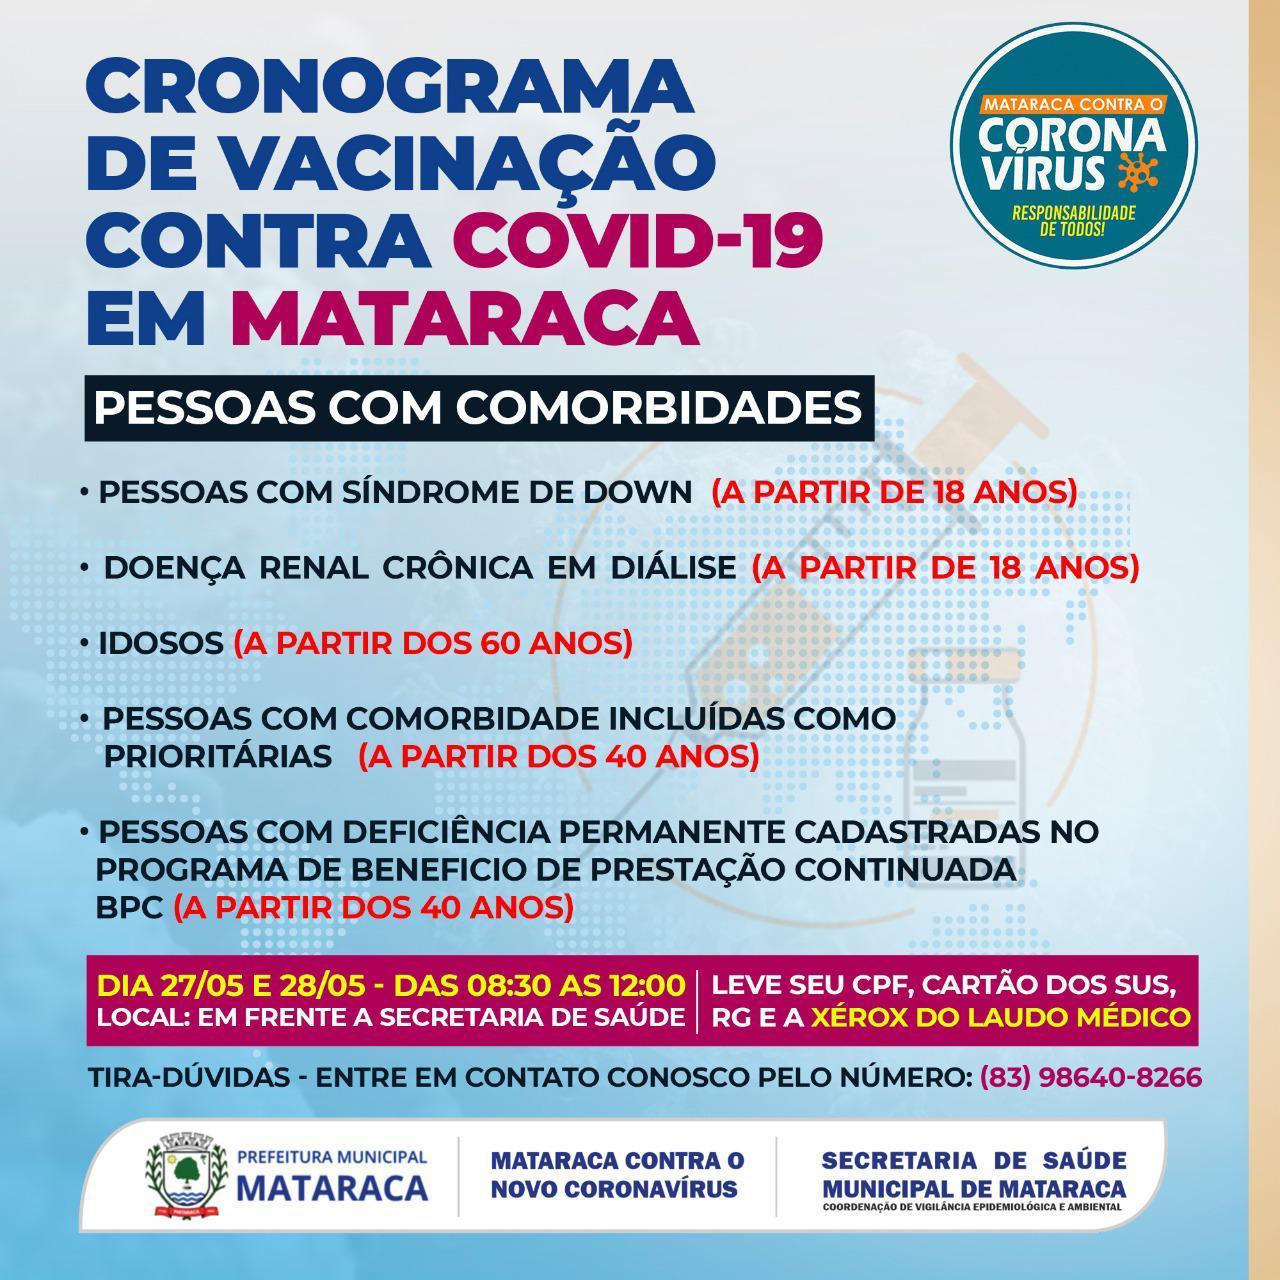 CRONOGRAMA DE VACINAÇÃO CONTRA O COVID-19 EM MATARACA